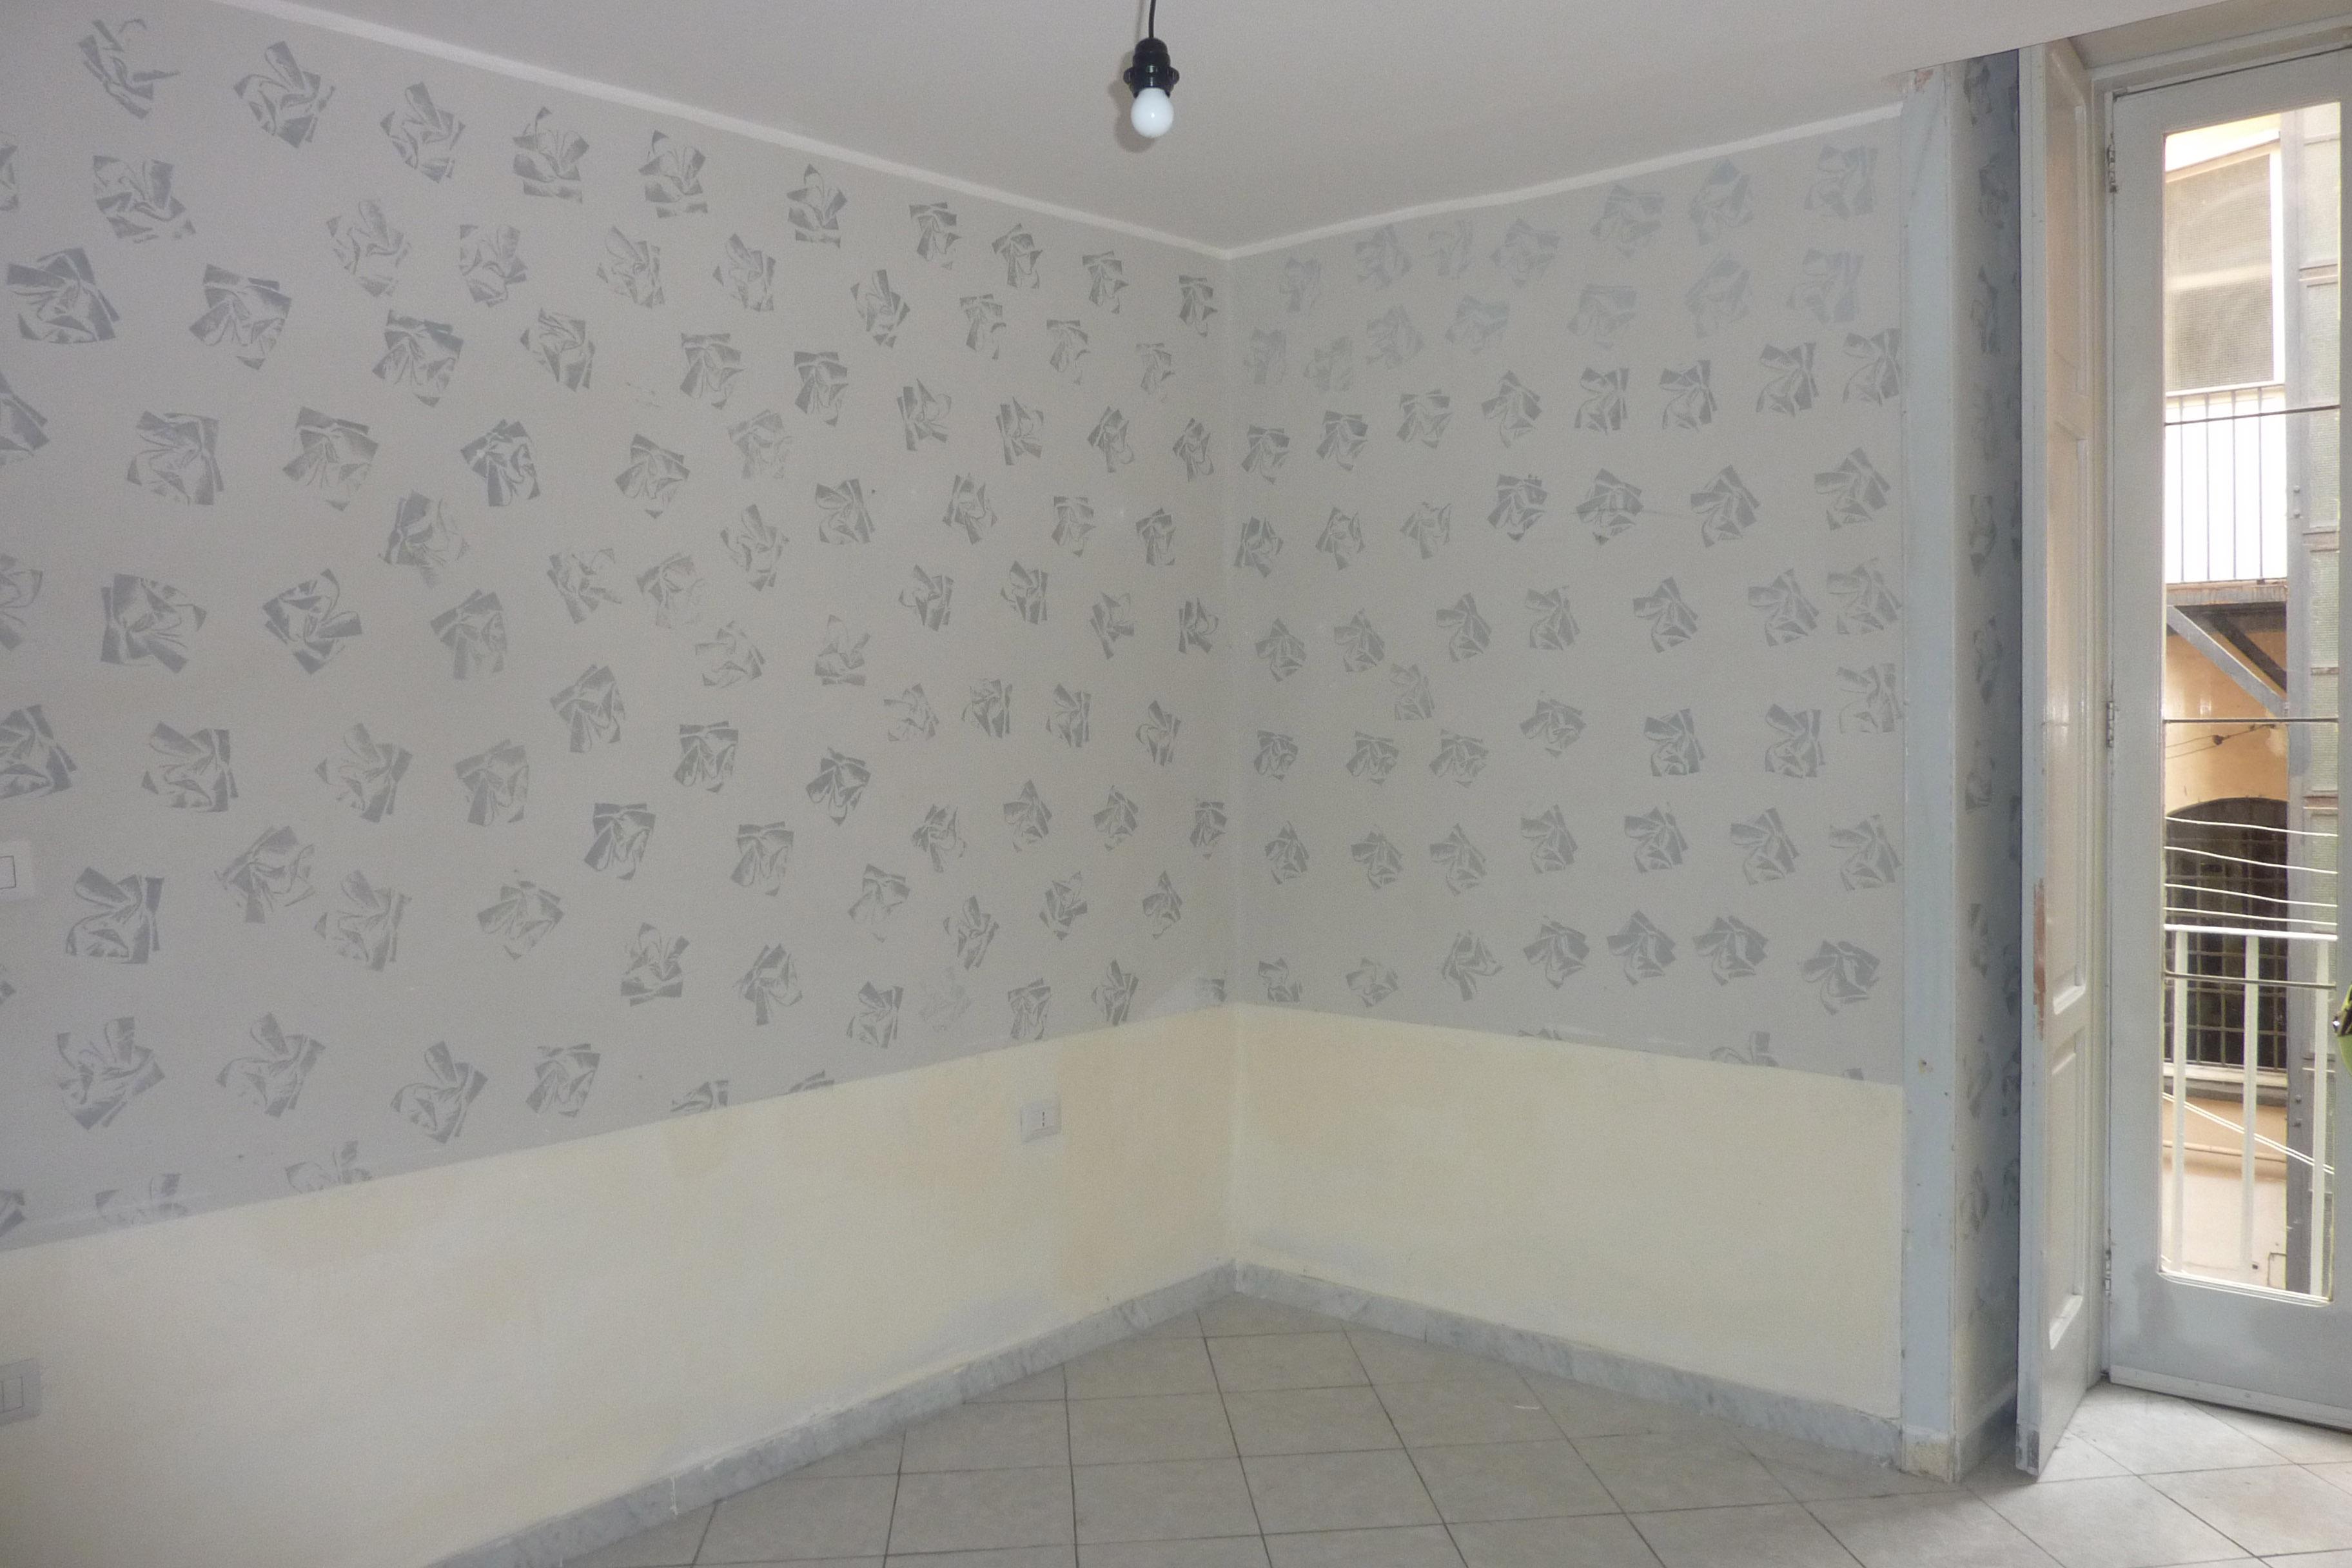 Muri Interni Grigi : Piastrelle per muri interni. sfumature di grigio with piastrelle per